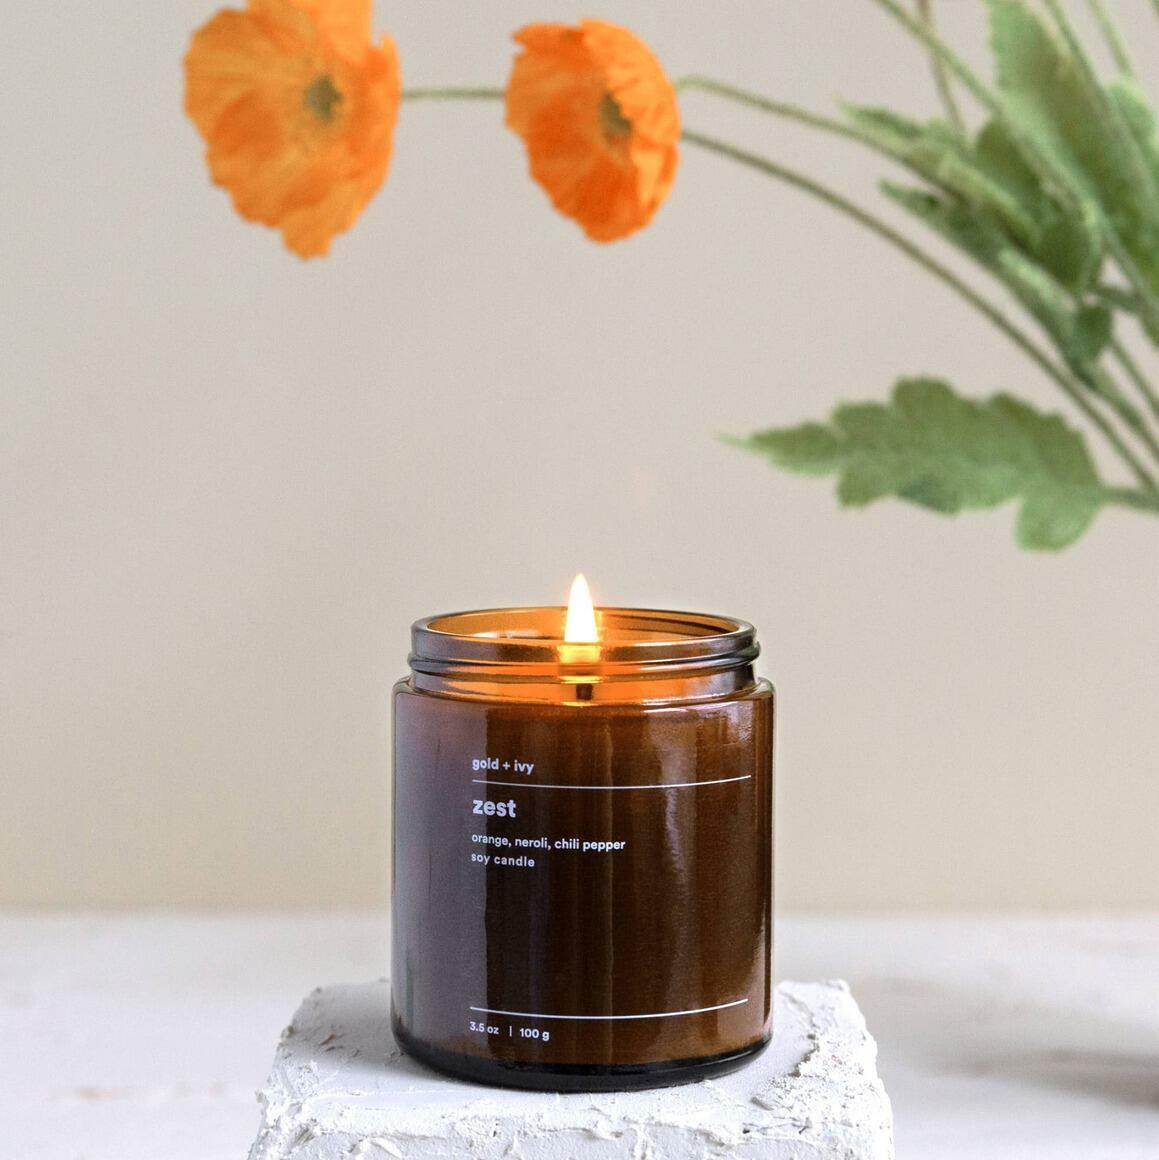 zest 3.5 oz. soy candle - mini | Trada Marketplace